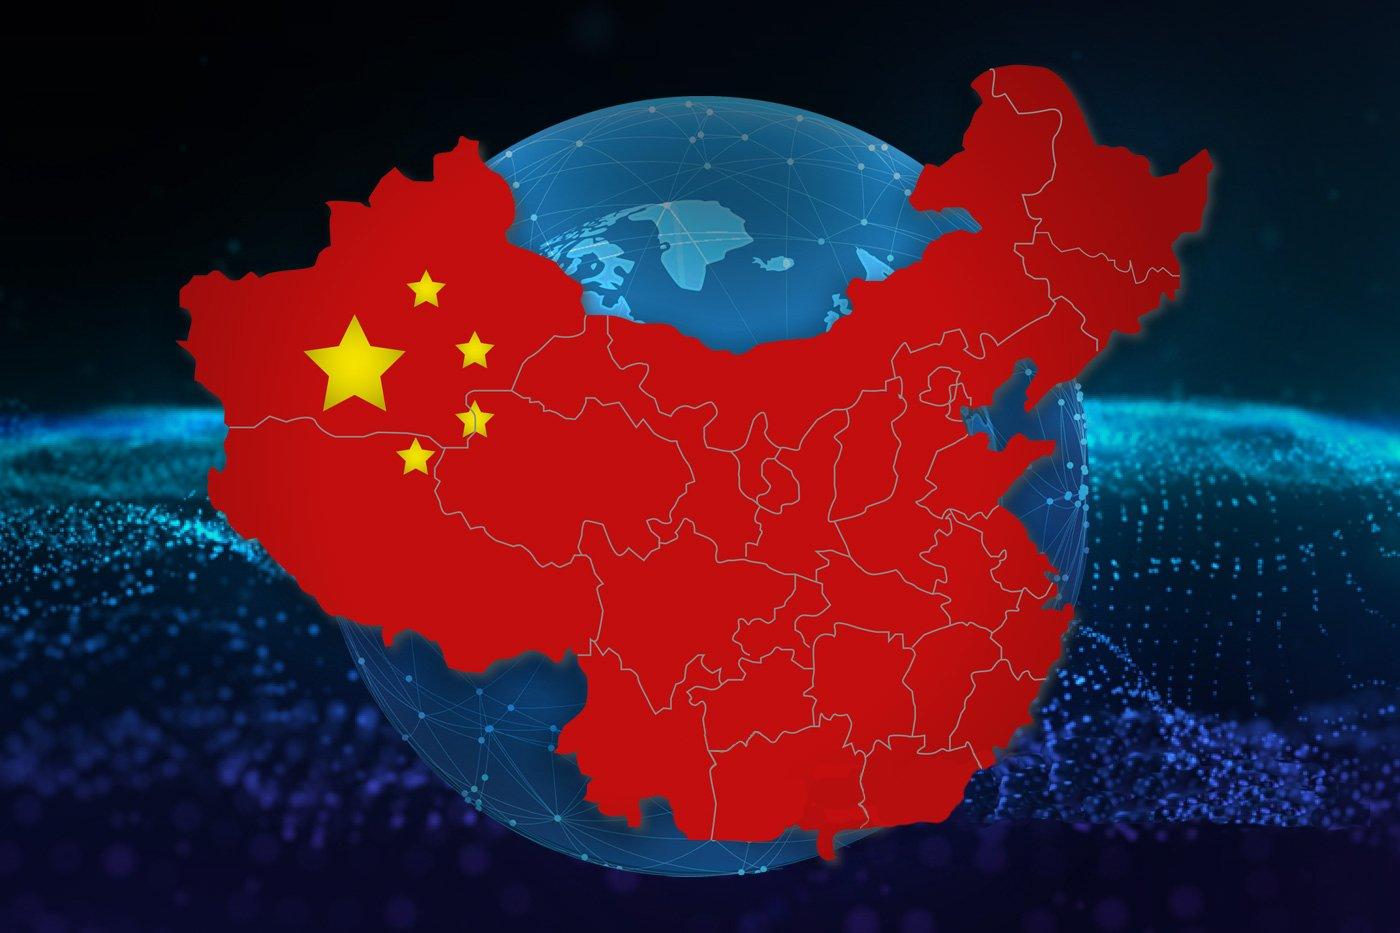 Çin Blockchain Şirketleri İçin Anonimlik Karşıtı Düzenlemeler Sunuyor